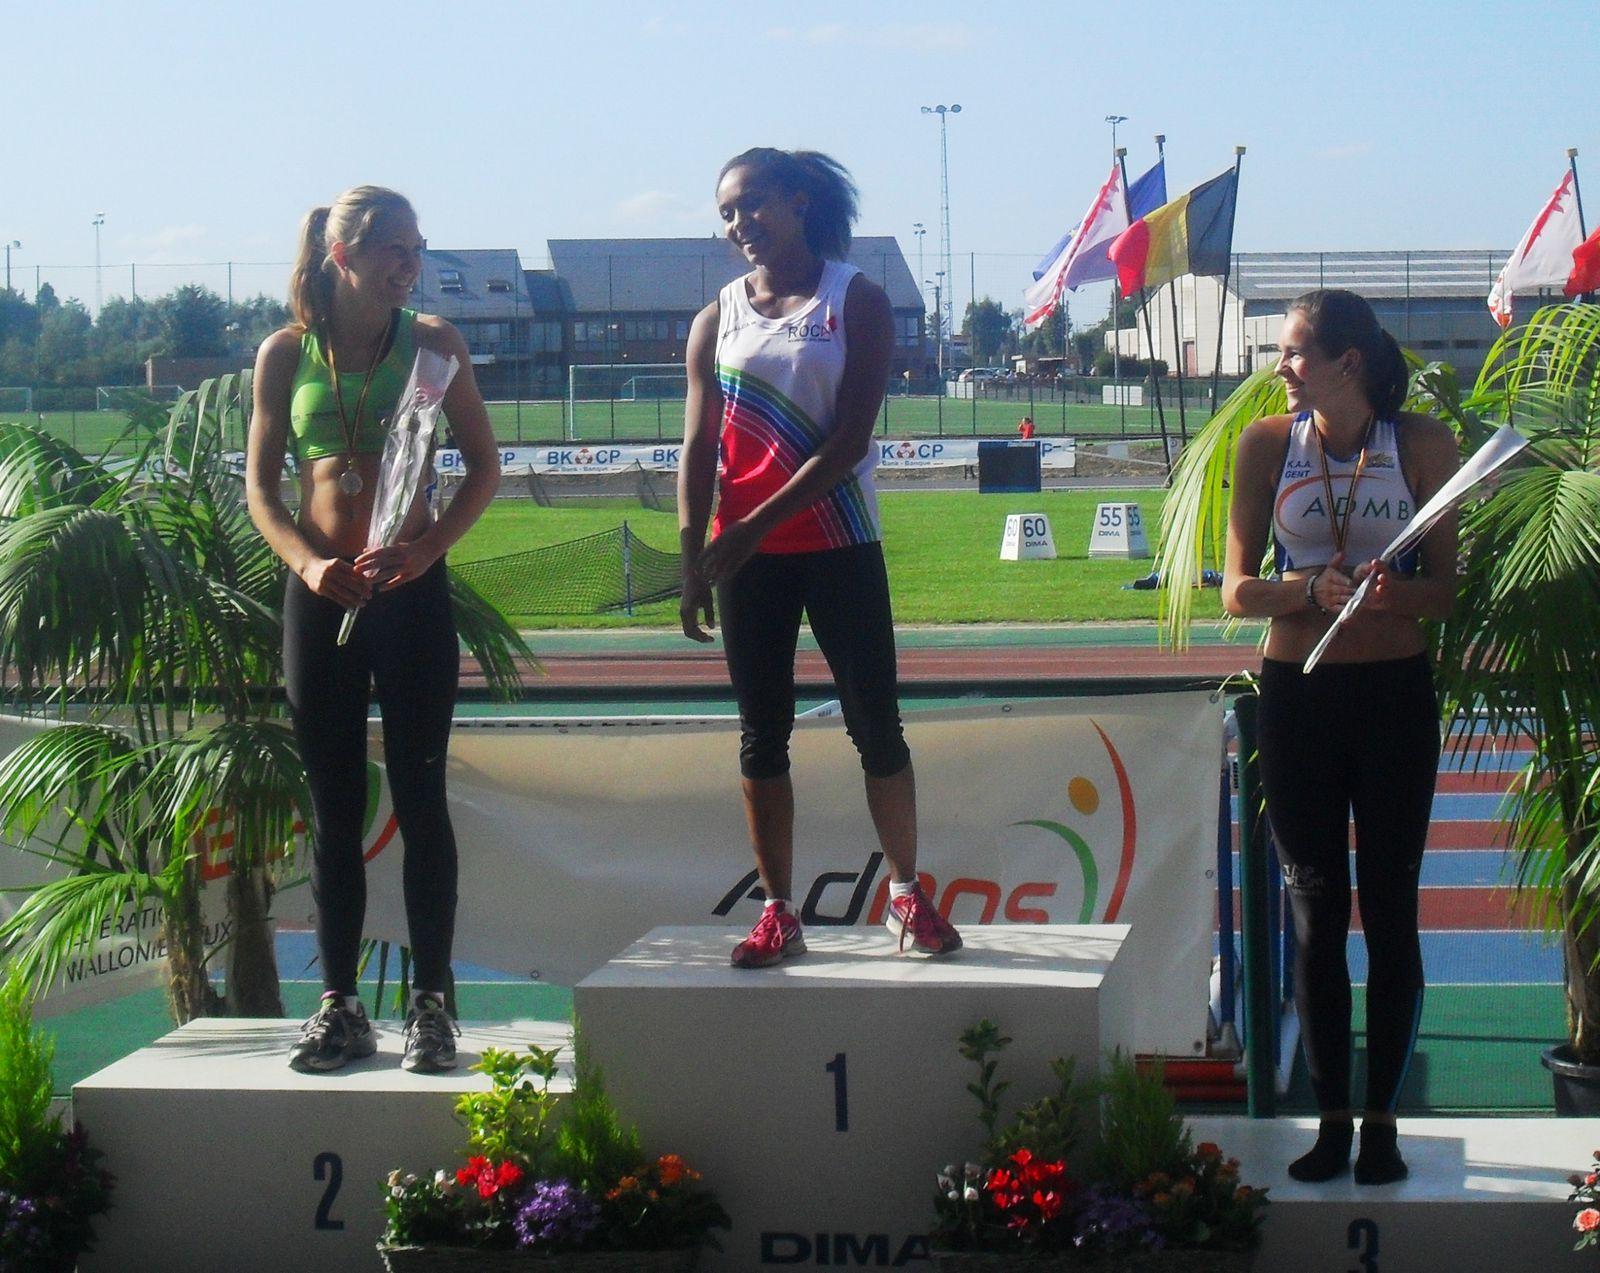 Naomi, championne de belgique au 200m, vice-championne au 100m